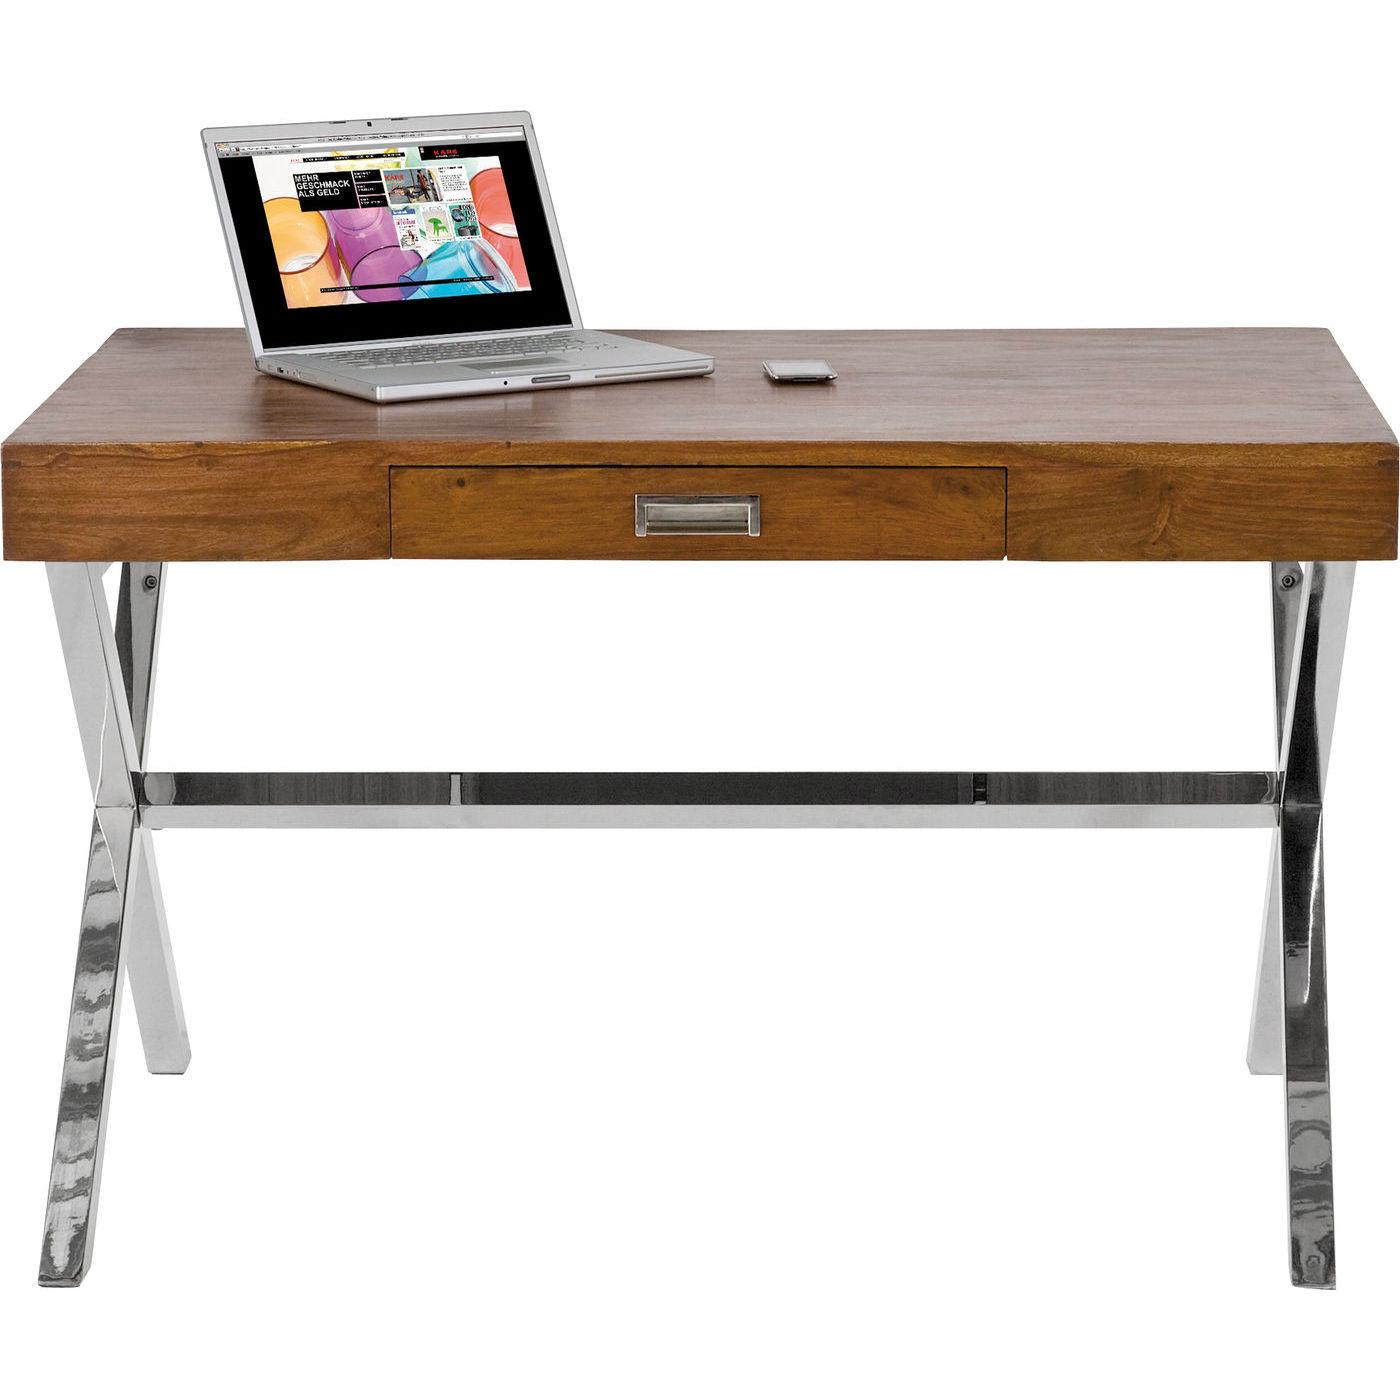 schreibtisch manhattan wood 120x75cm kare design. Black Bedroom Furniture Sets. Home Design Ideas